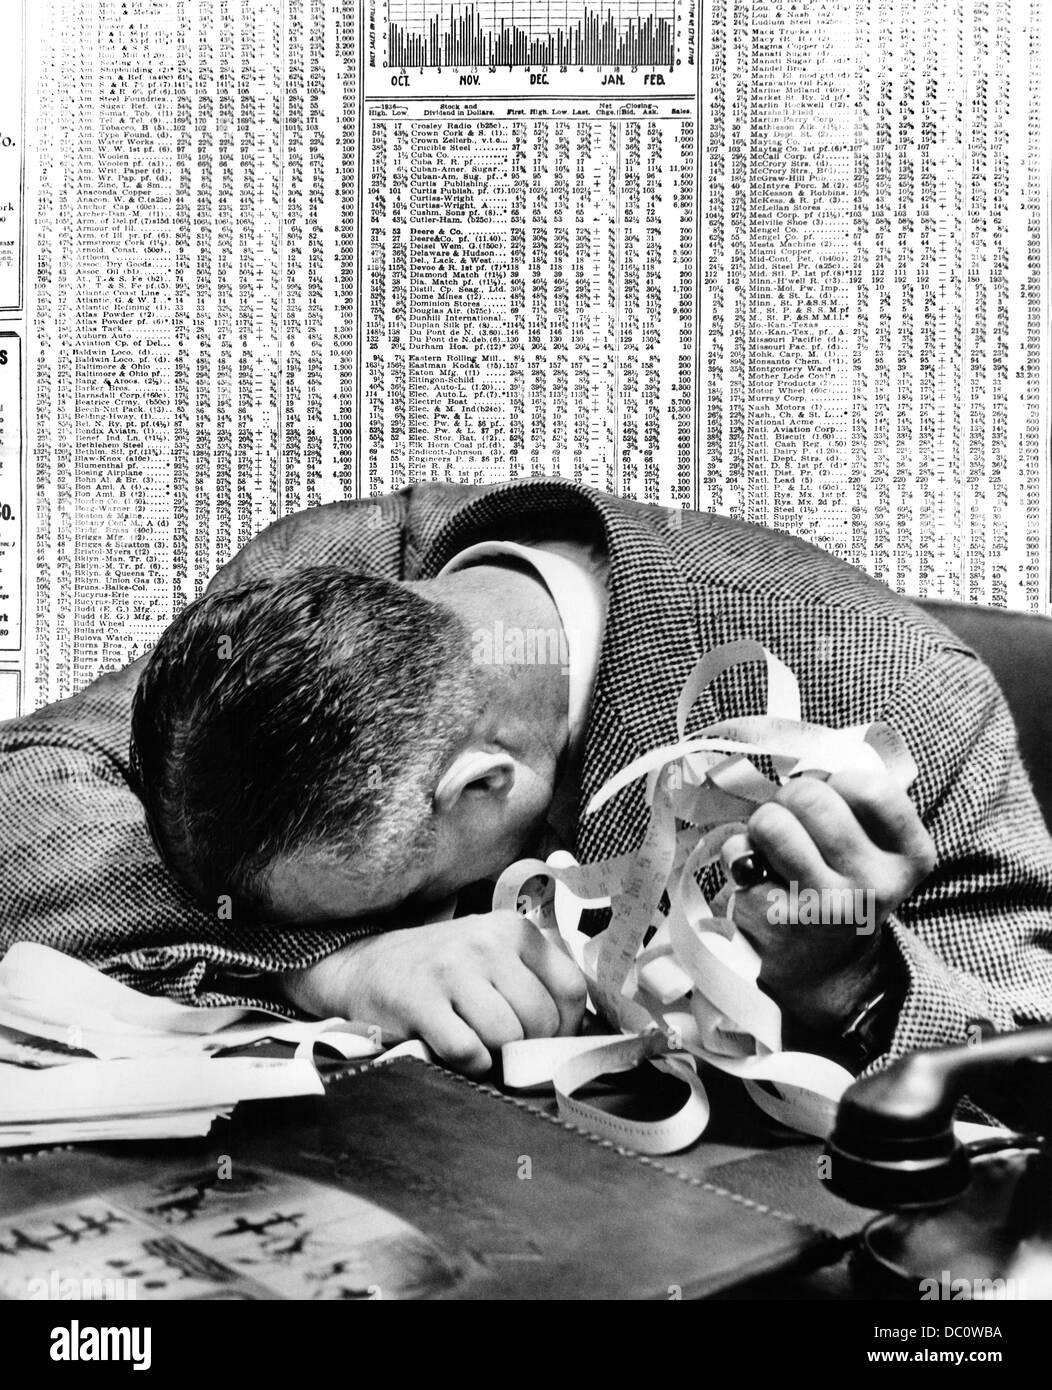 1940s uomo testa sulla scrivania con Stock Ticker tape con stock di giornale pagina dietro di lui Immagini Stock